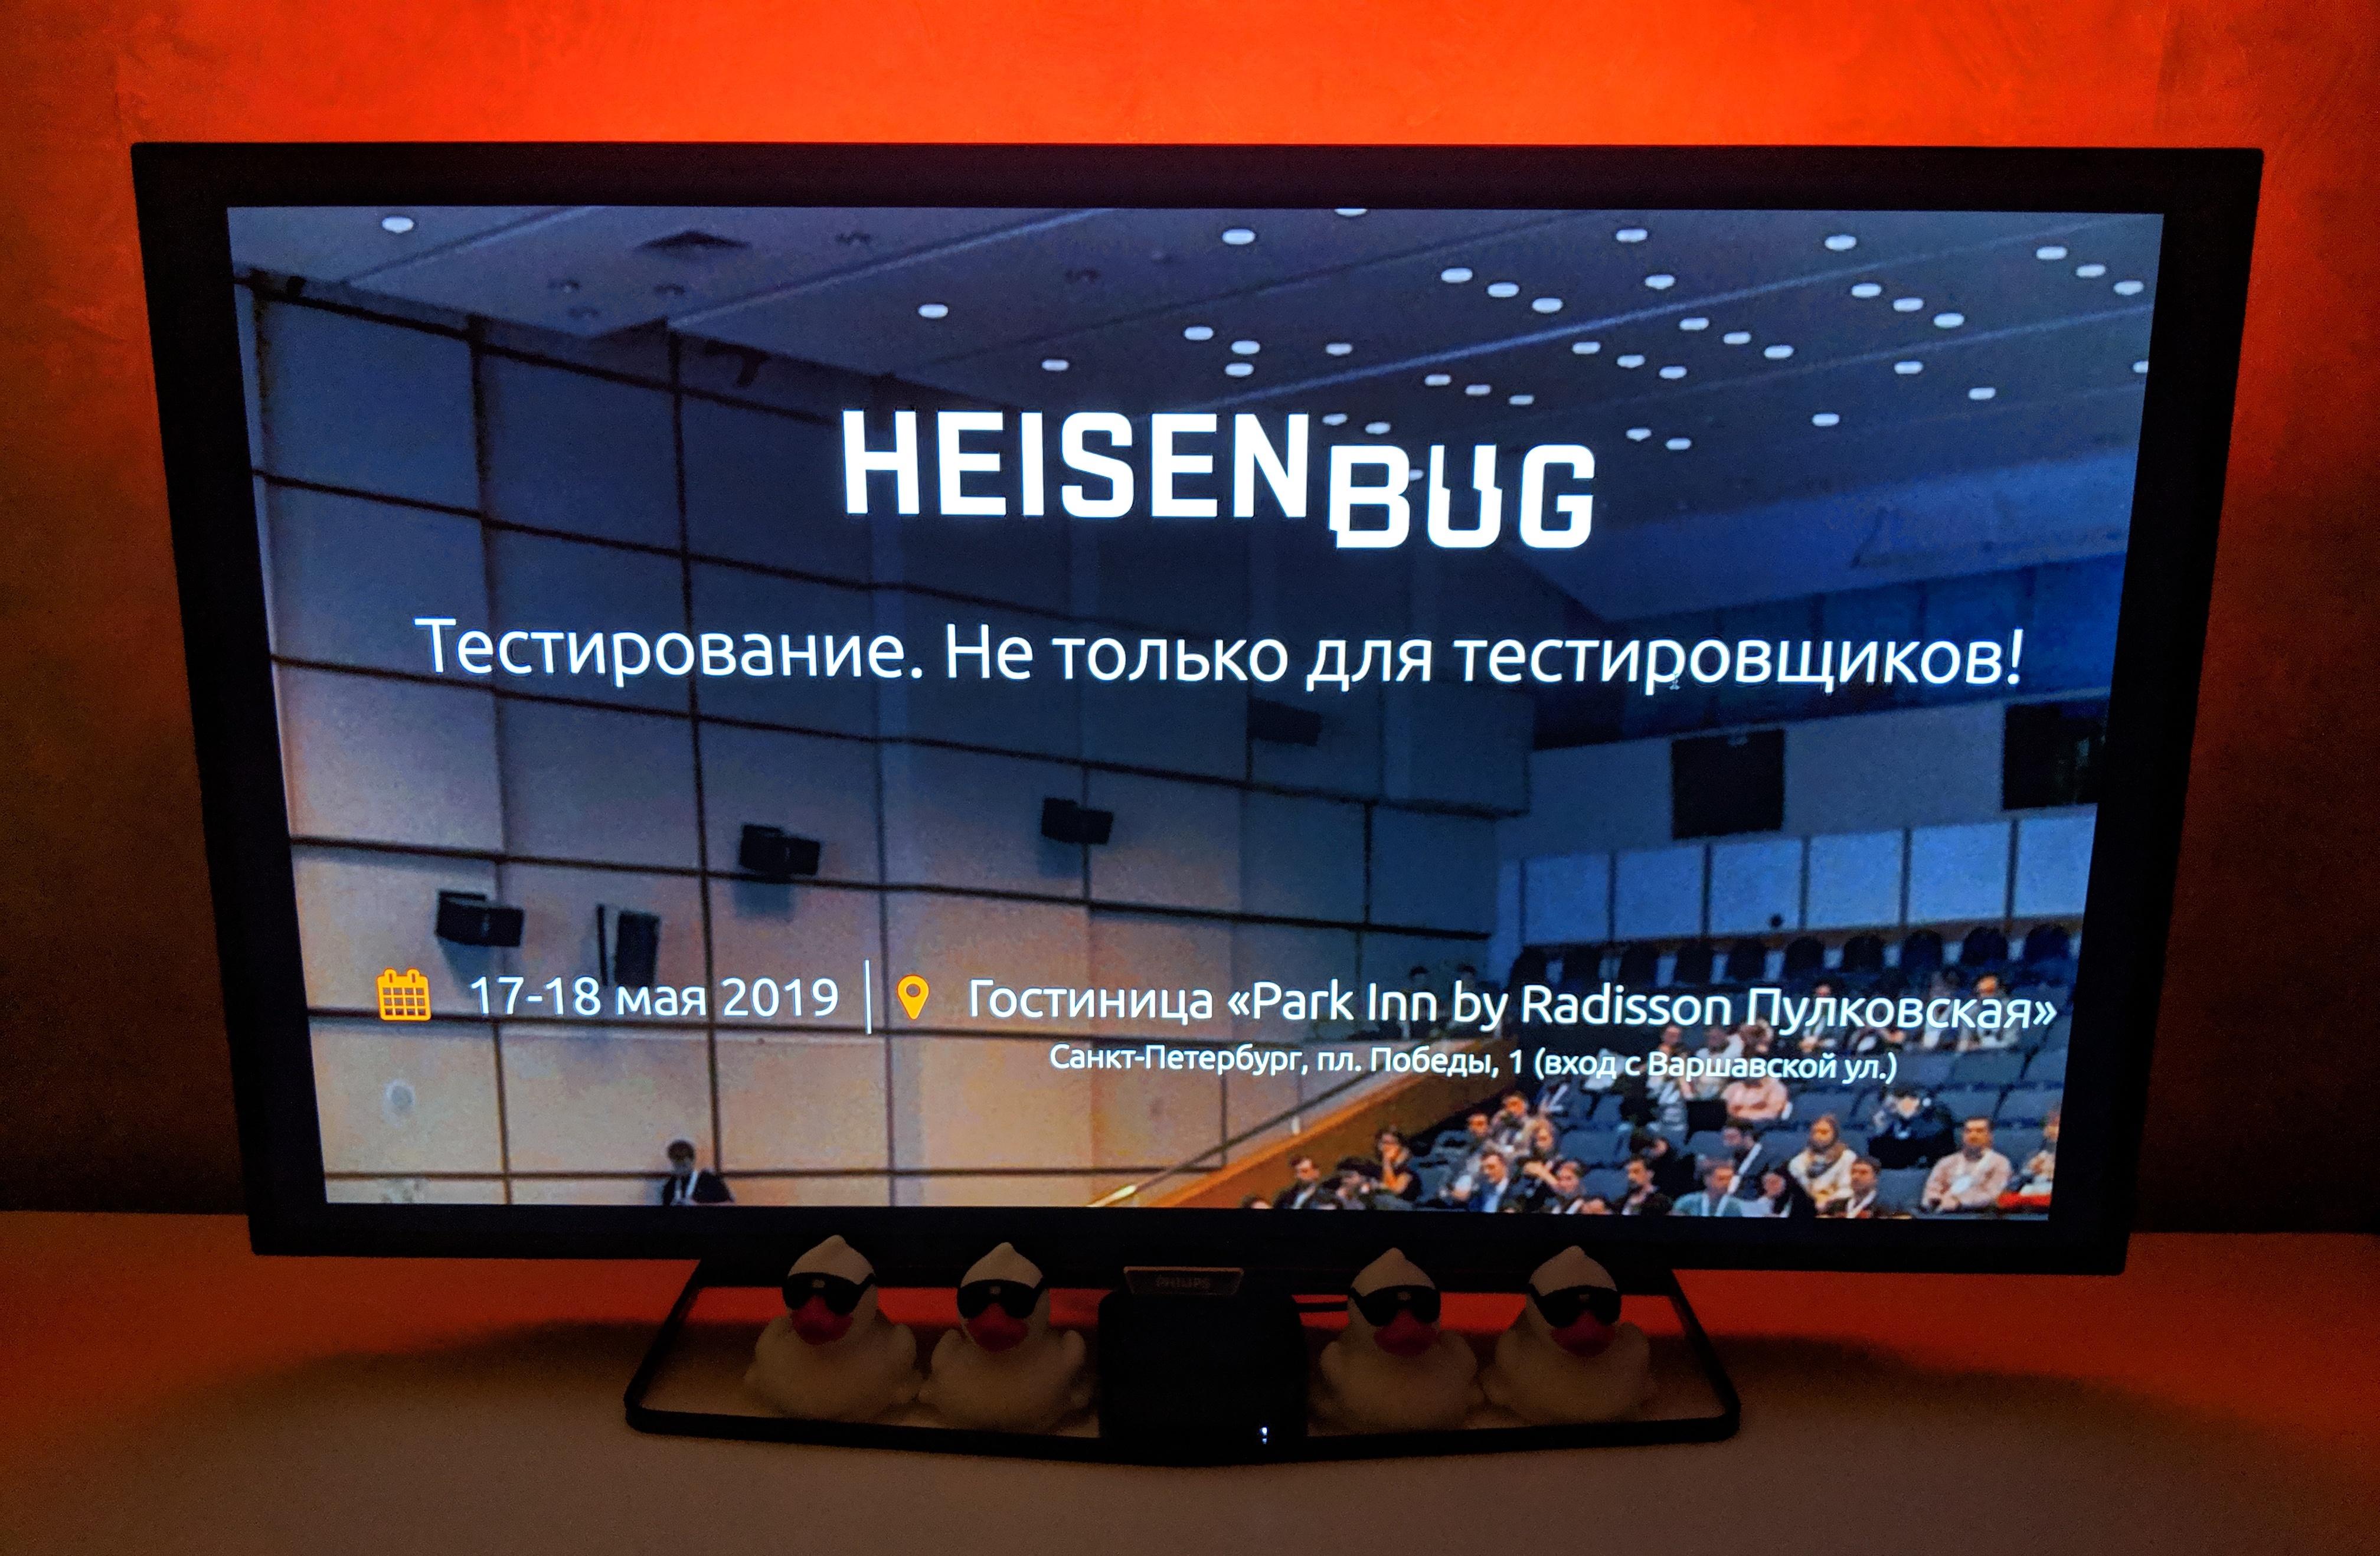 Heisenbug 2019 Piter: что будет в бесплатной трансляции, а что только на самом мероприятии